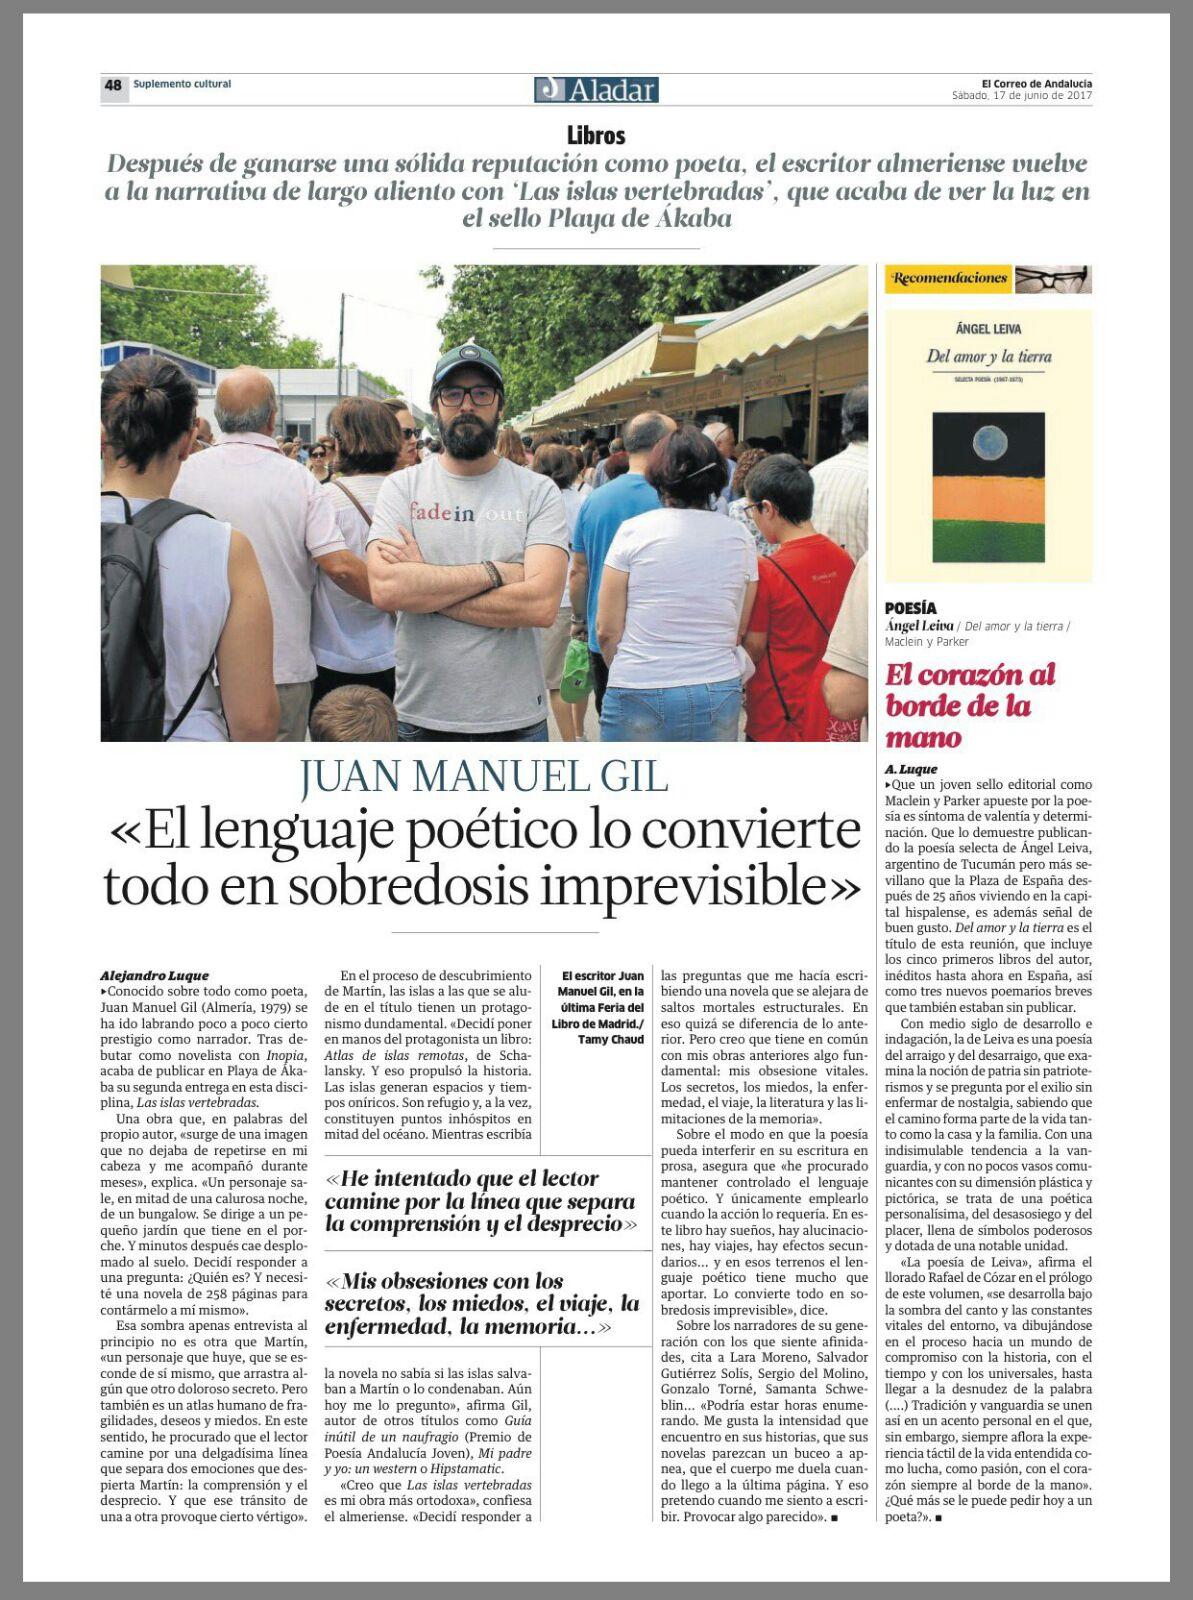 Del amor y la tierra   El Correo de Andalucía   Maclein Y Parker   Editorial de libros independiente   Venta de libros online